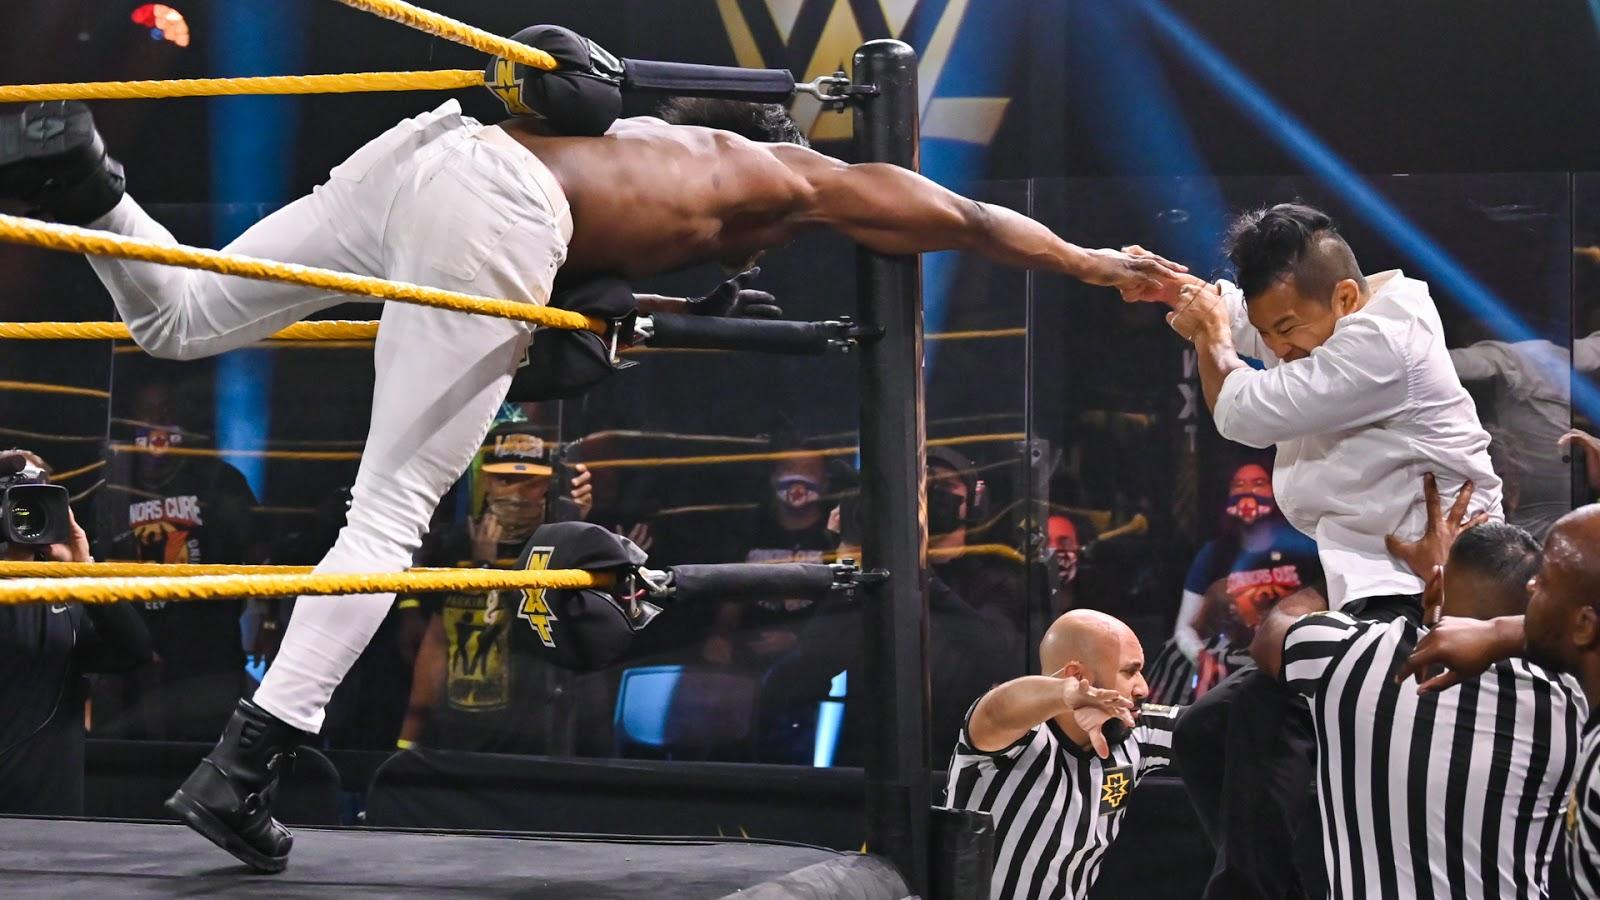 Vídeo: KUSHIDA ataca Velveteen Dream durante o NXT